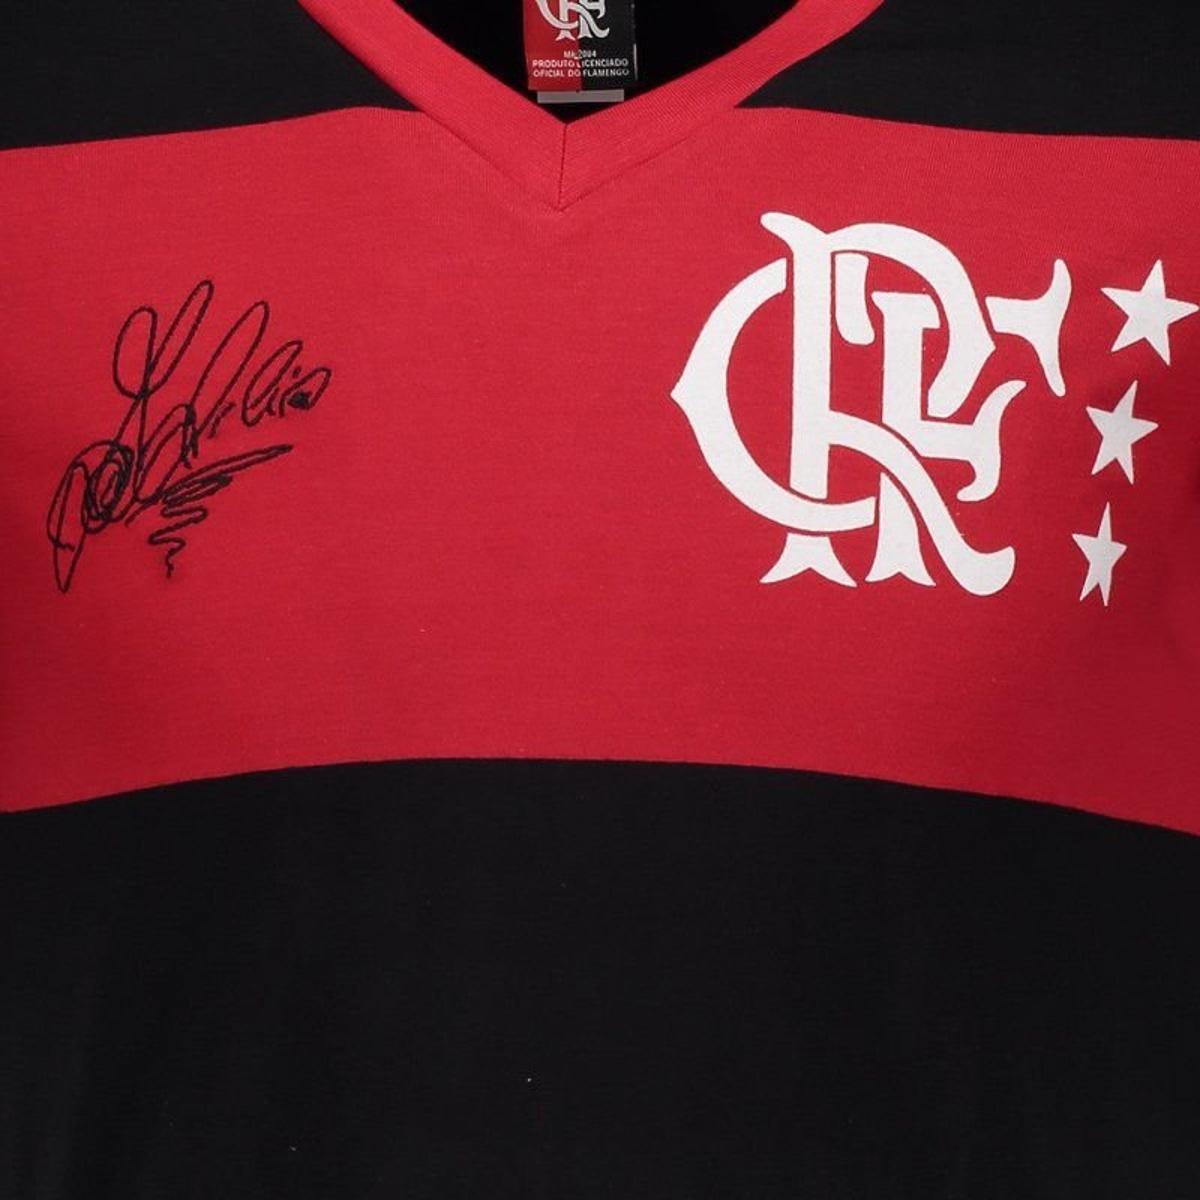 Camisa Flamengo Retrô Libertadores Adílio Masculina - Vermelho ... 86e0a73f2f272